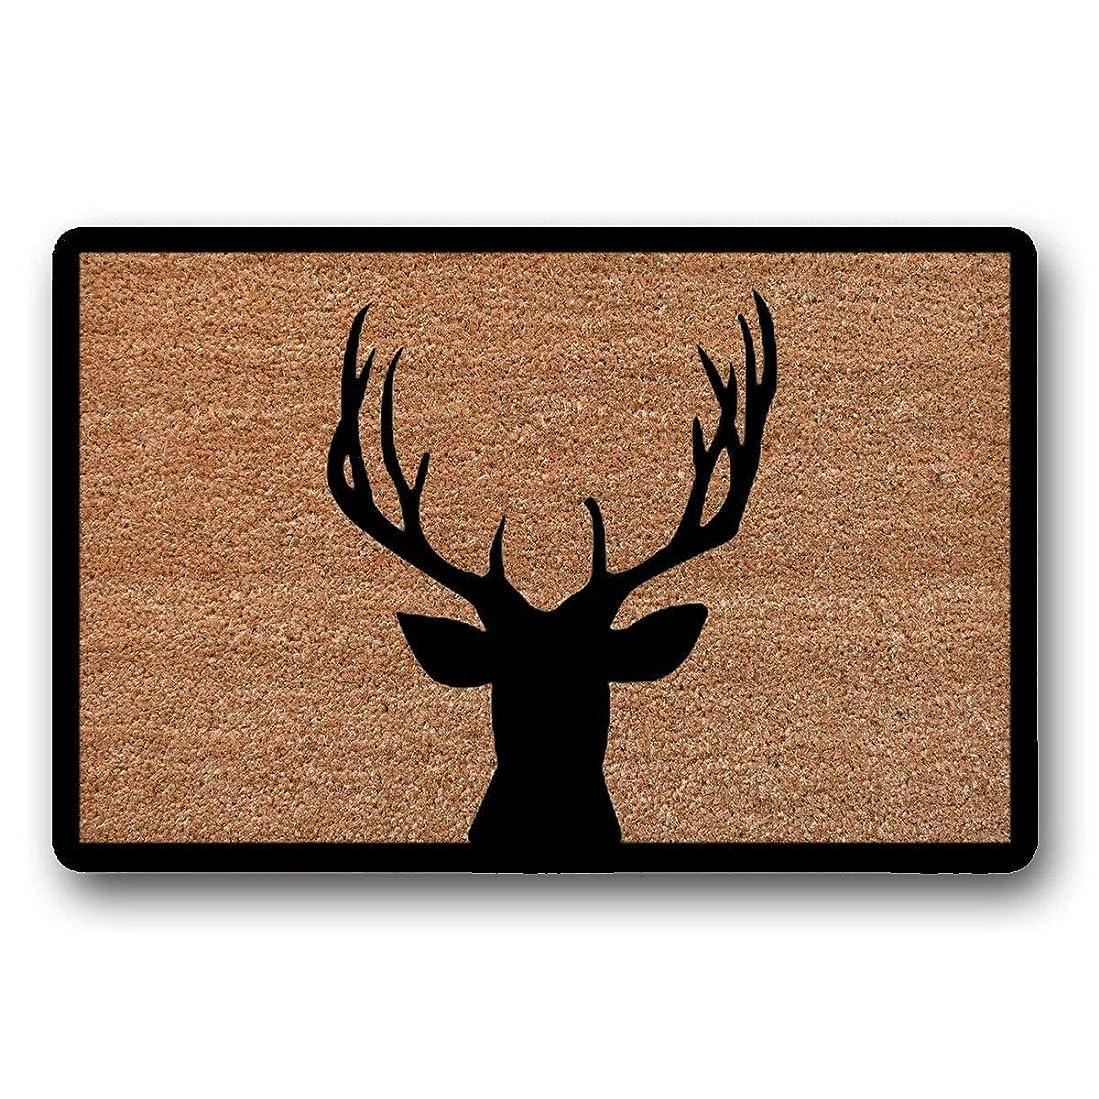 国便利さ便利さ鹿の玄関マット、ウェルカムマット、キャビンの装飾、屋外の敷物、玄関マット、かわいい玄関マット、クリスマスの玄関マット、玄関、冬の装飾、トナカイ、ポーチの装飾 75x45cm